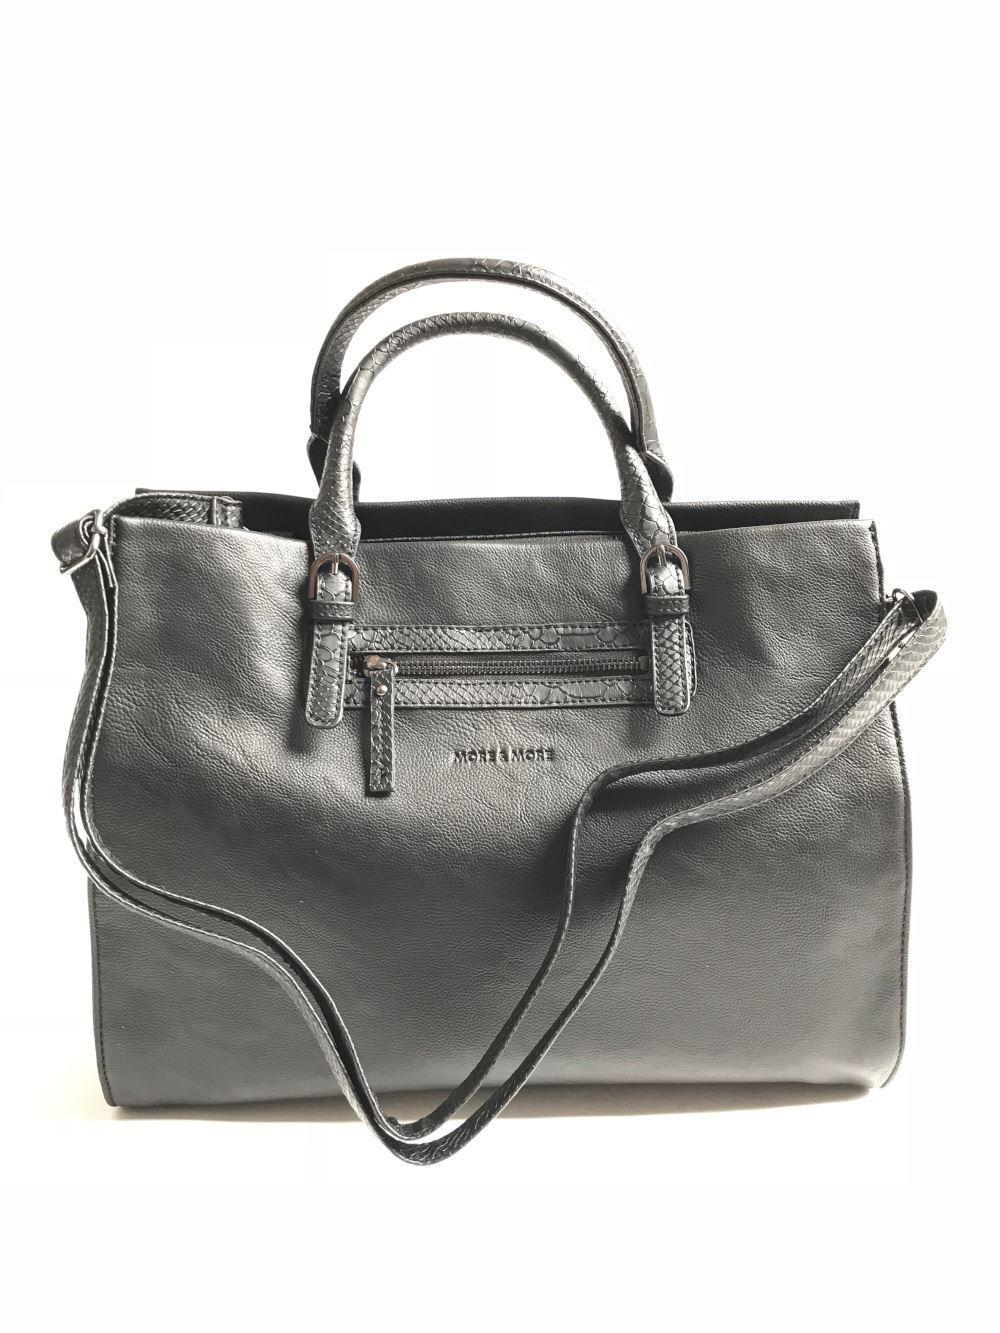 More & More Damen Handtasche Handtasche Handtasche Schwarz Snake 50238-9000 | Fairer Preis  | Starker Wert  | Authentisch  5f3555